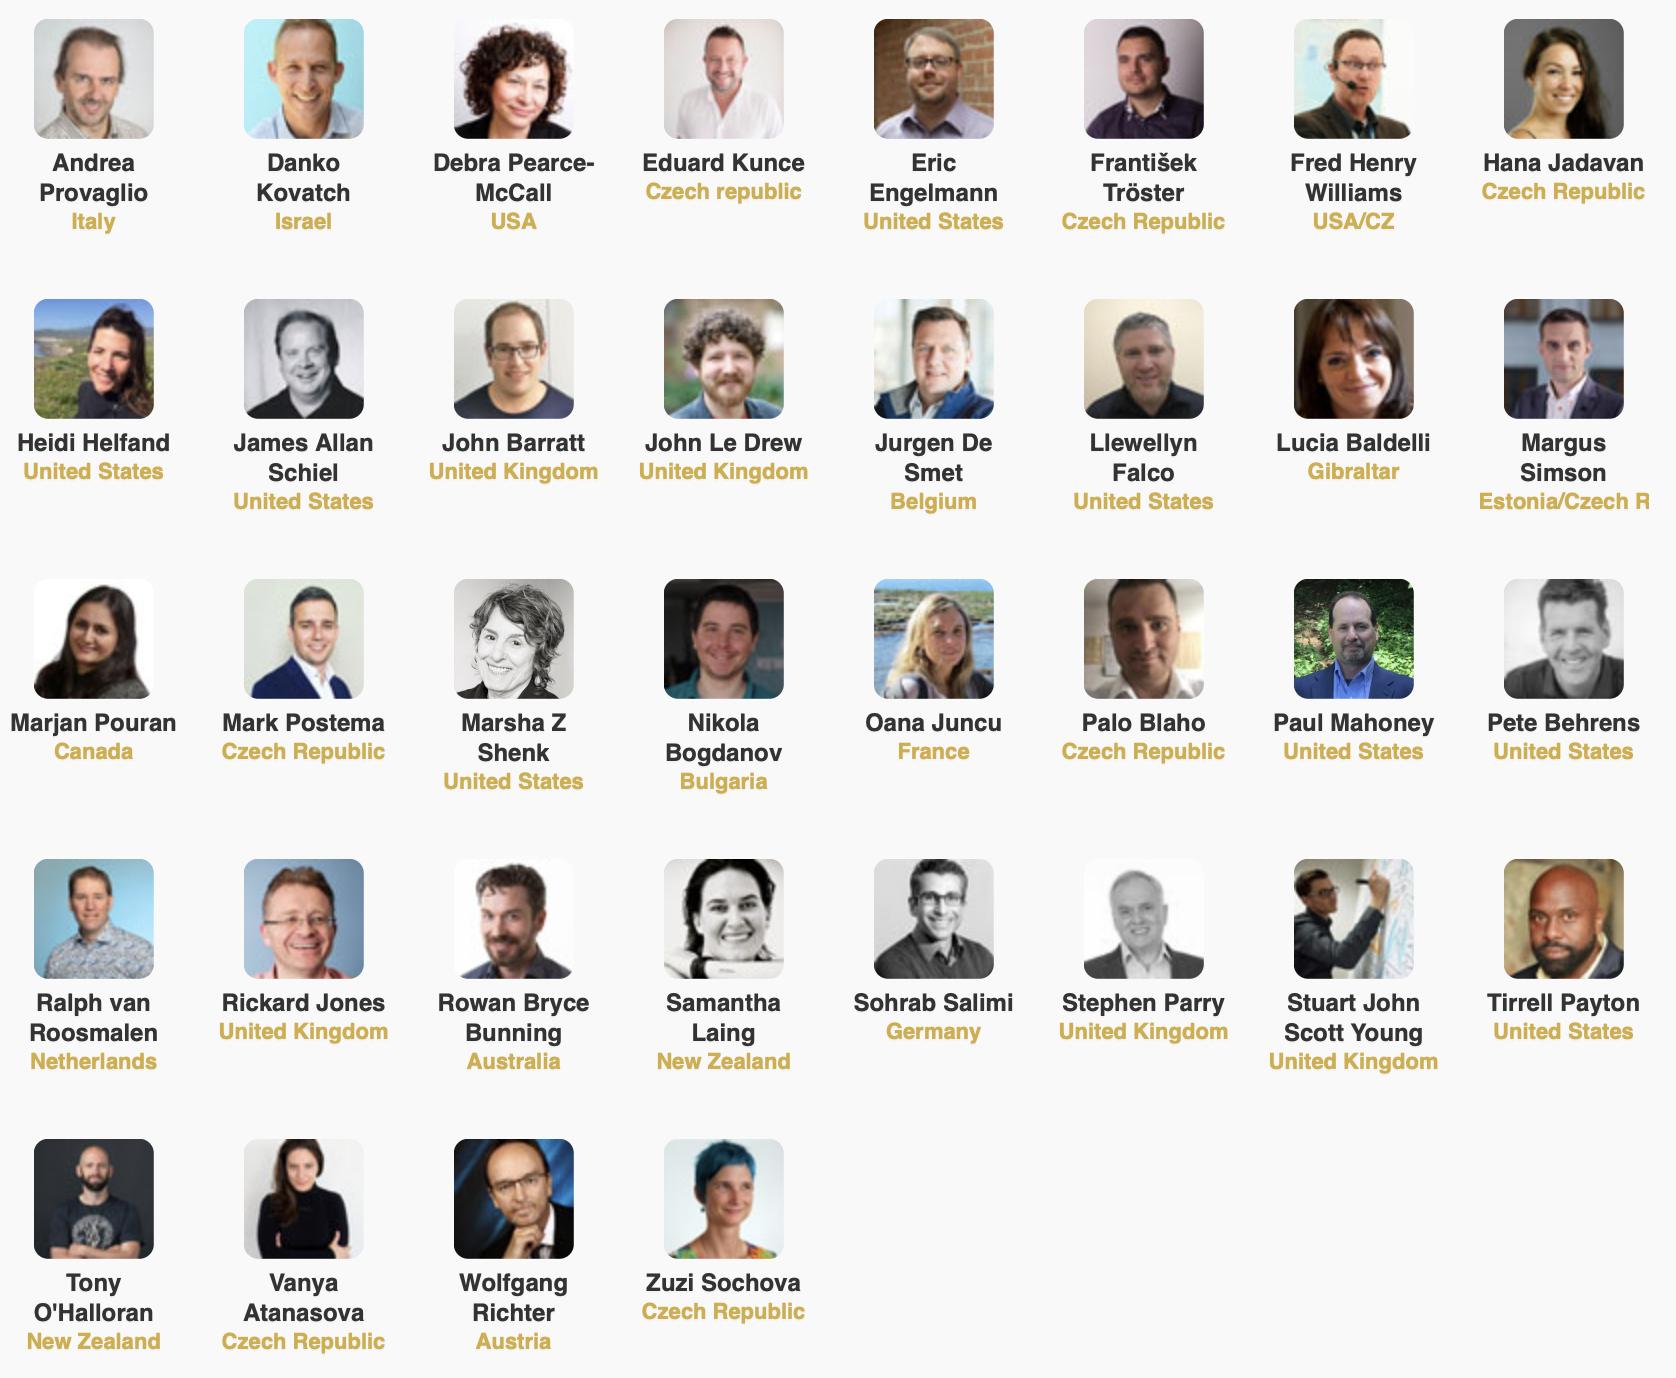 Agile Prague Speakers 2019